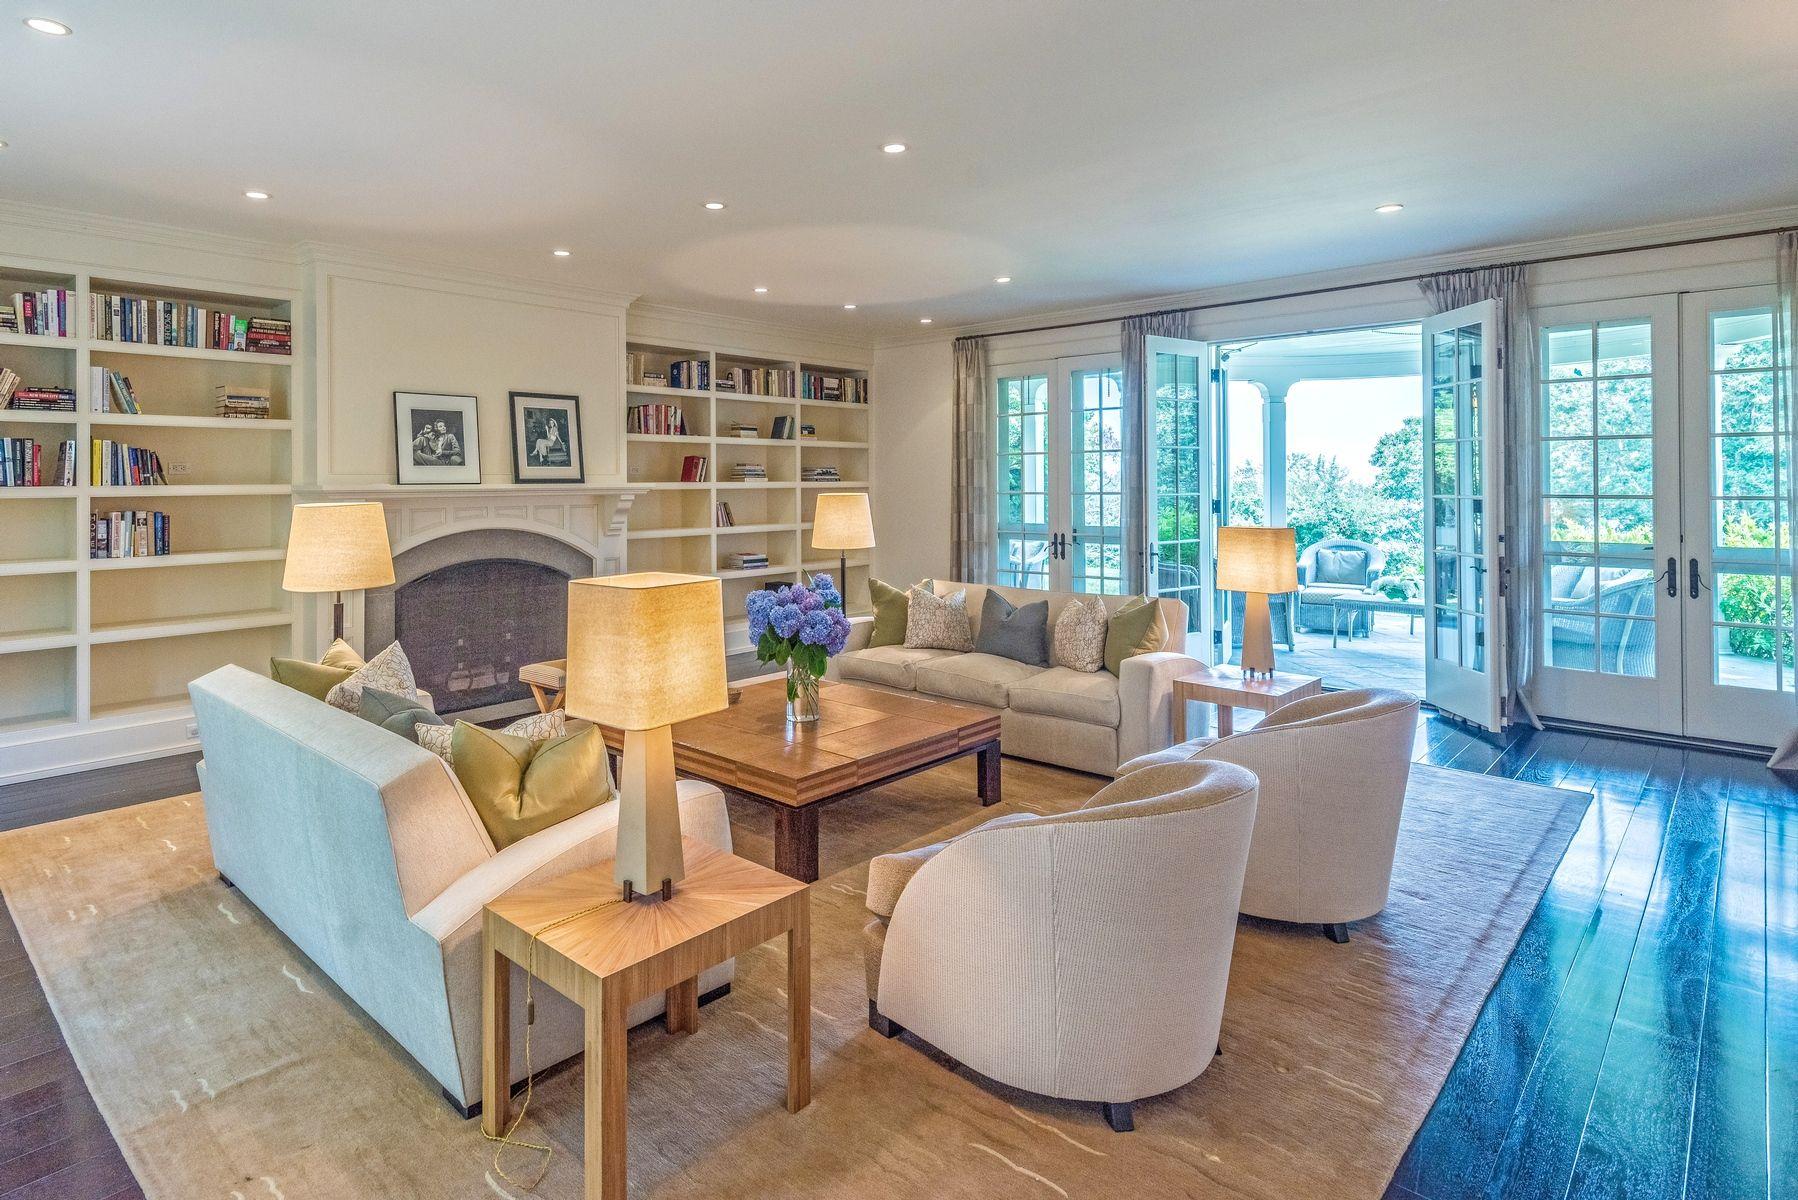 harvey weinstein lists hamptons home living room